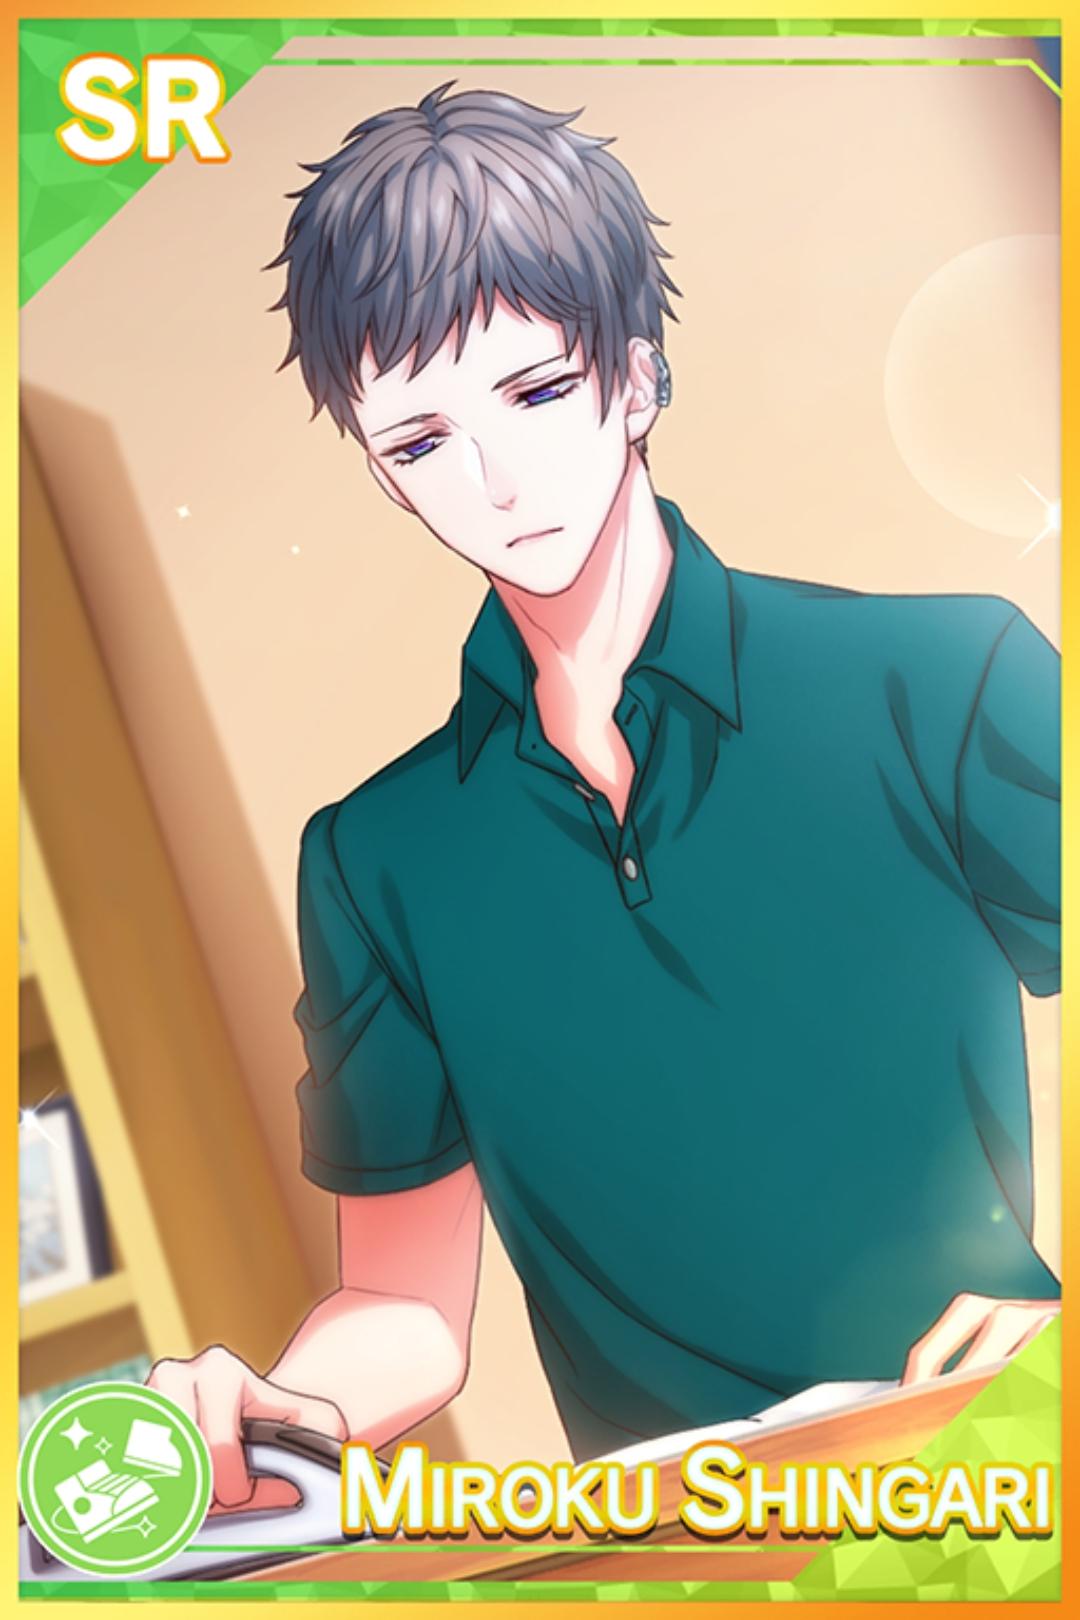 【Keepsake Shirt】Shingari Miroku